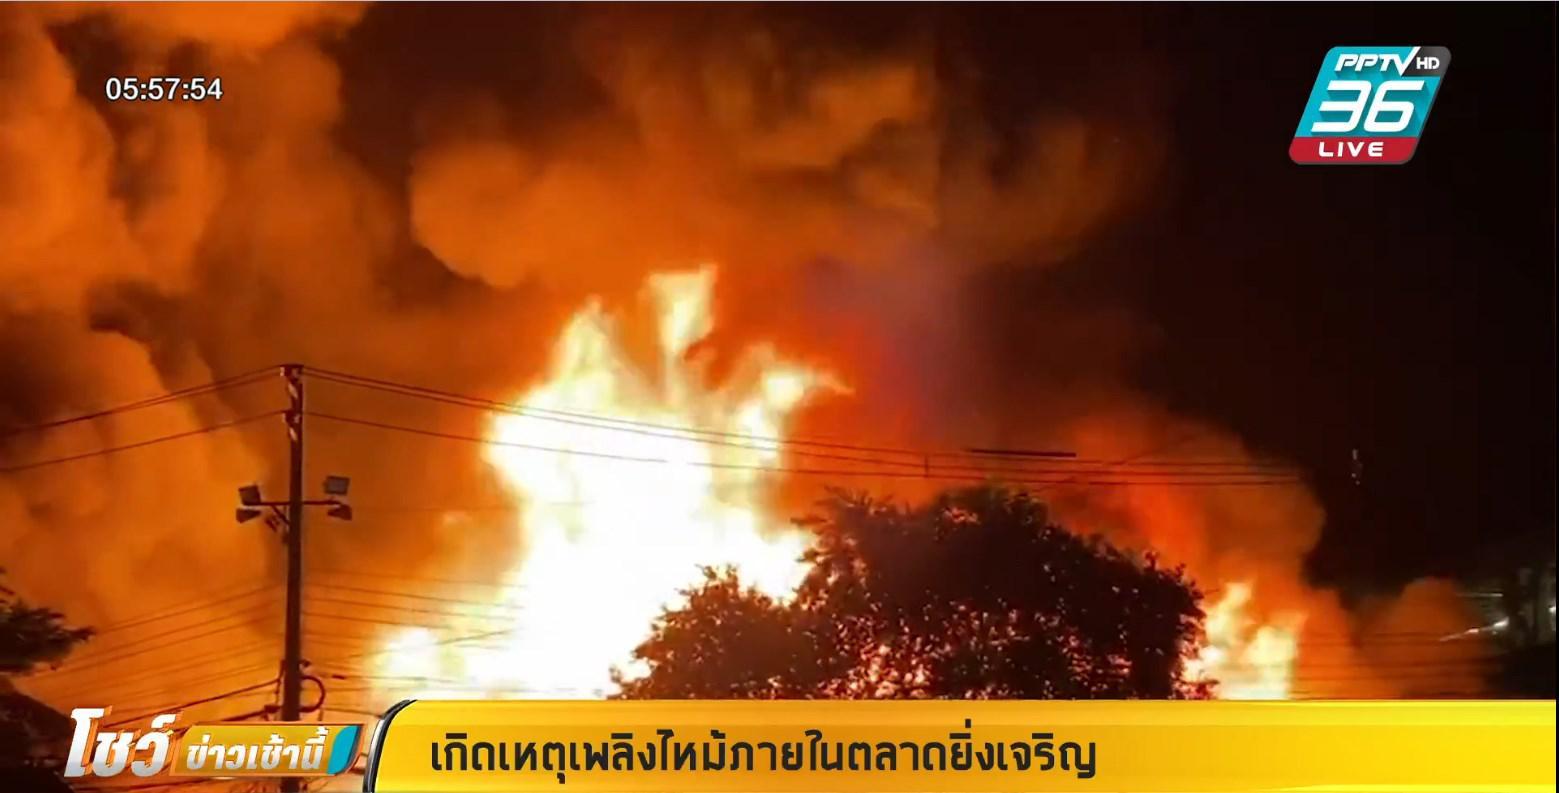 ไฟไหม้ตลาดยิ่งเจริญ คาด ต้นเพลิงจากโซนสินค้าเบ็ดเตล็ด